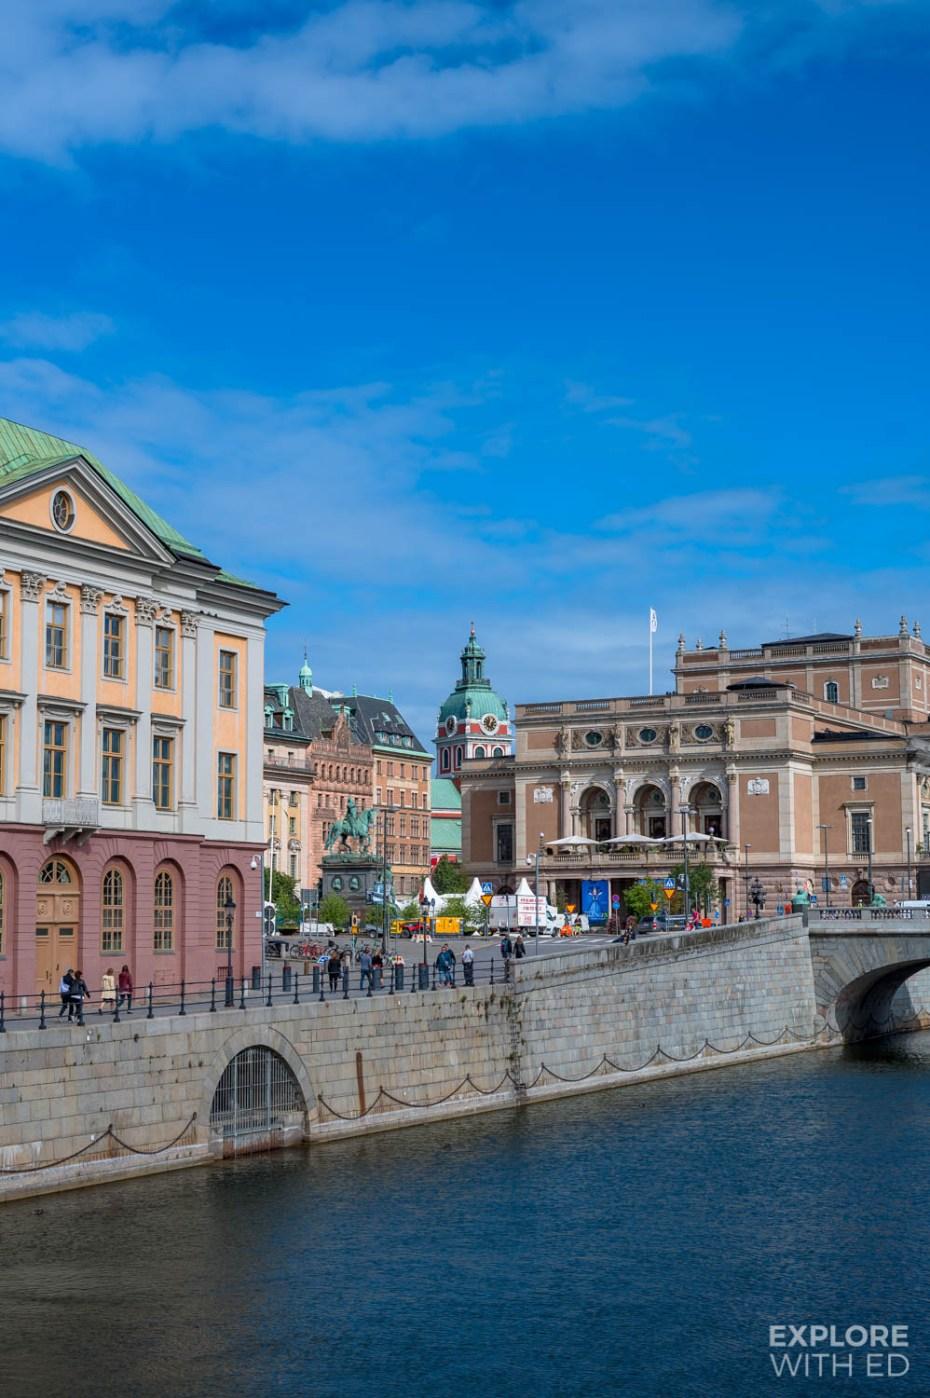 Stockholm city on fourteen islands